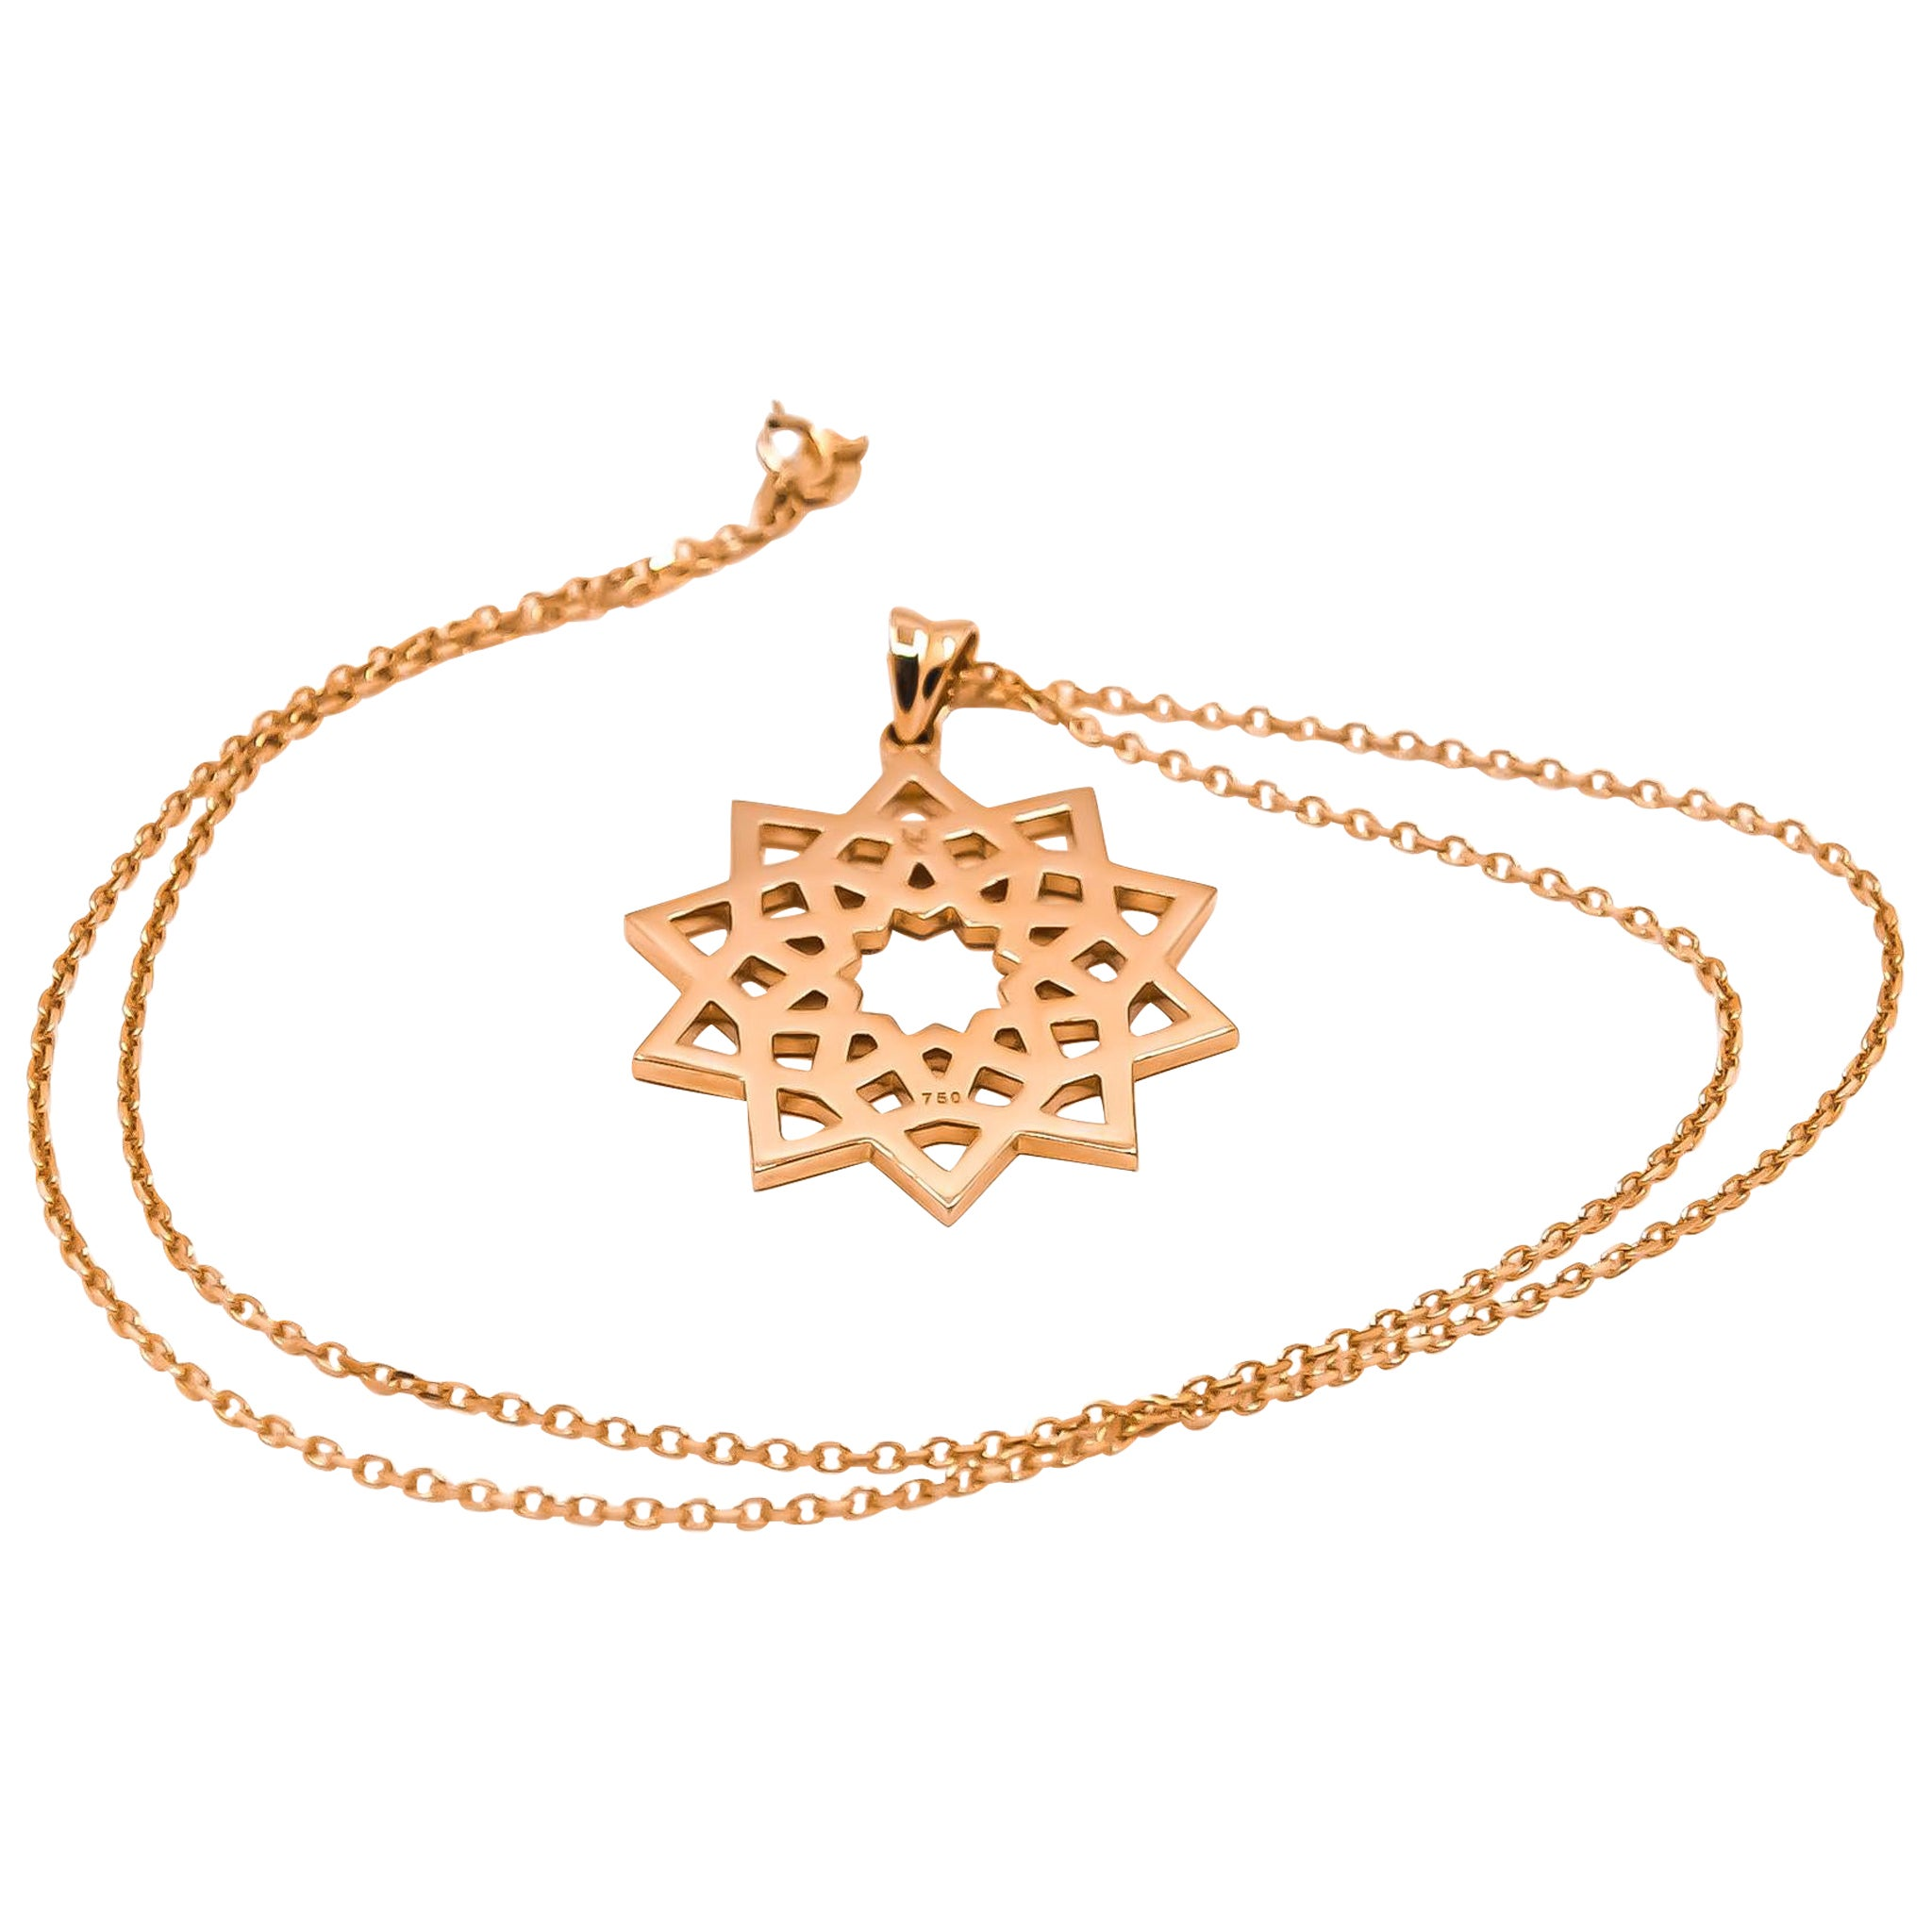 Arabesque Deco Pendant in 18kt Rose Gold